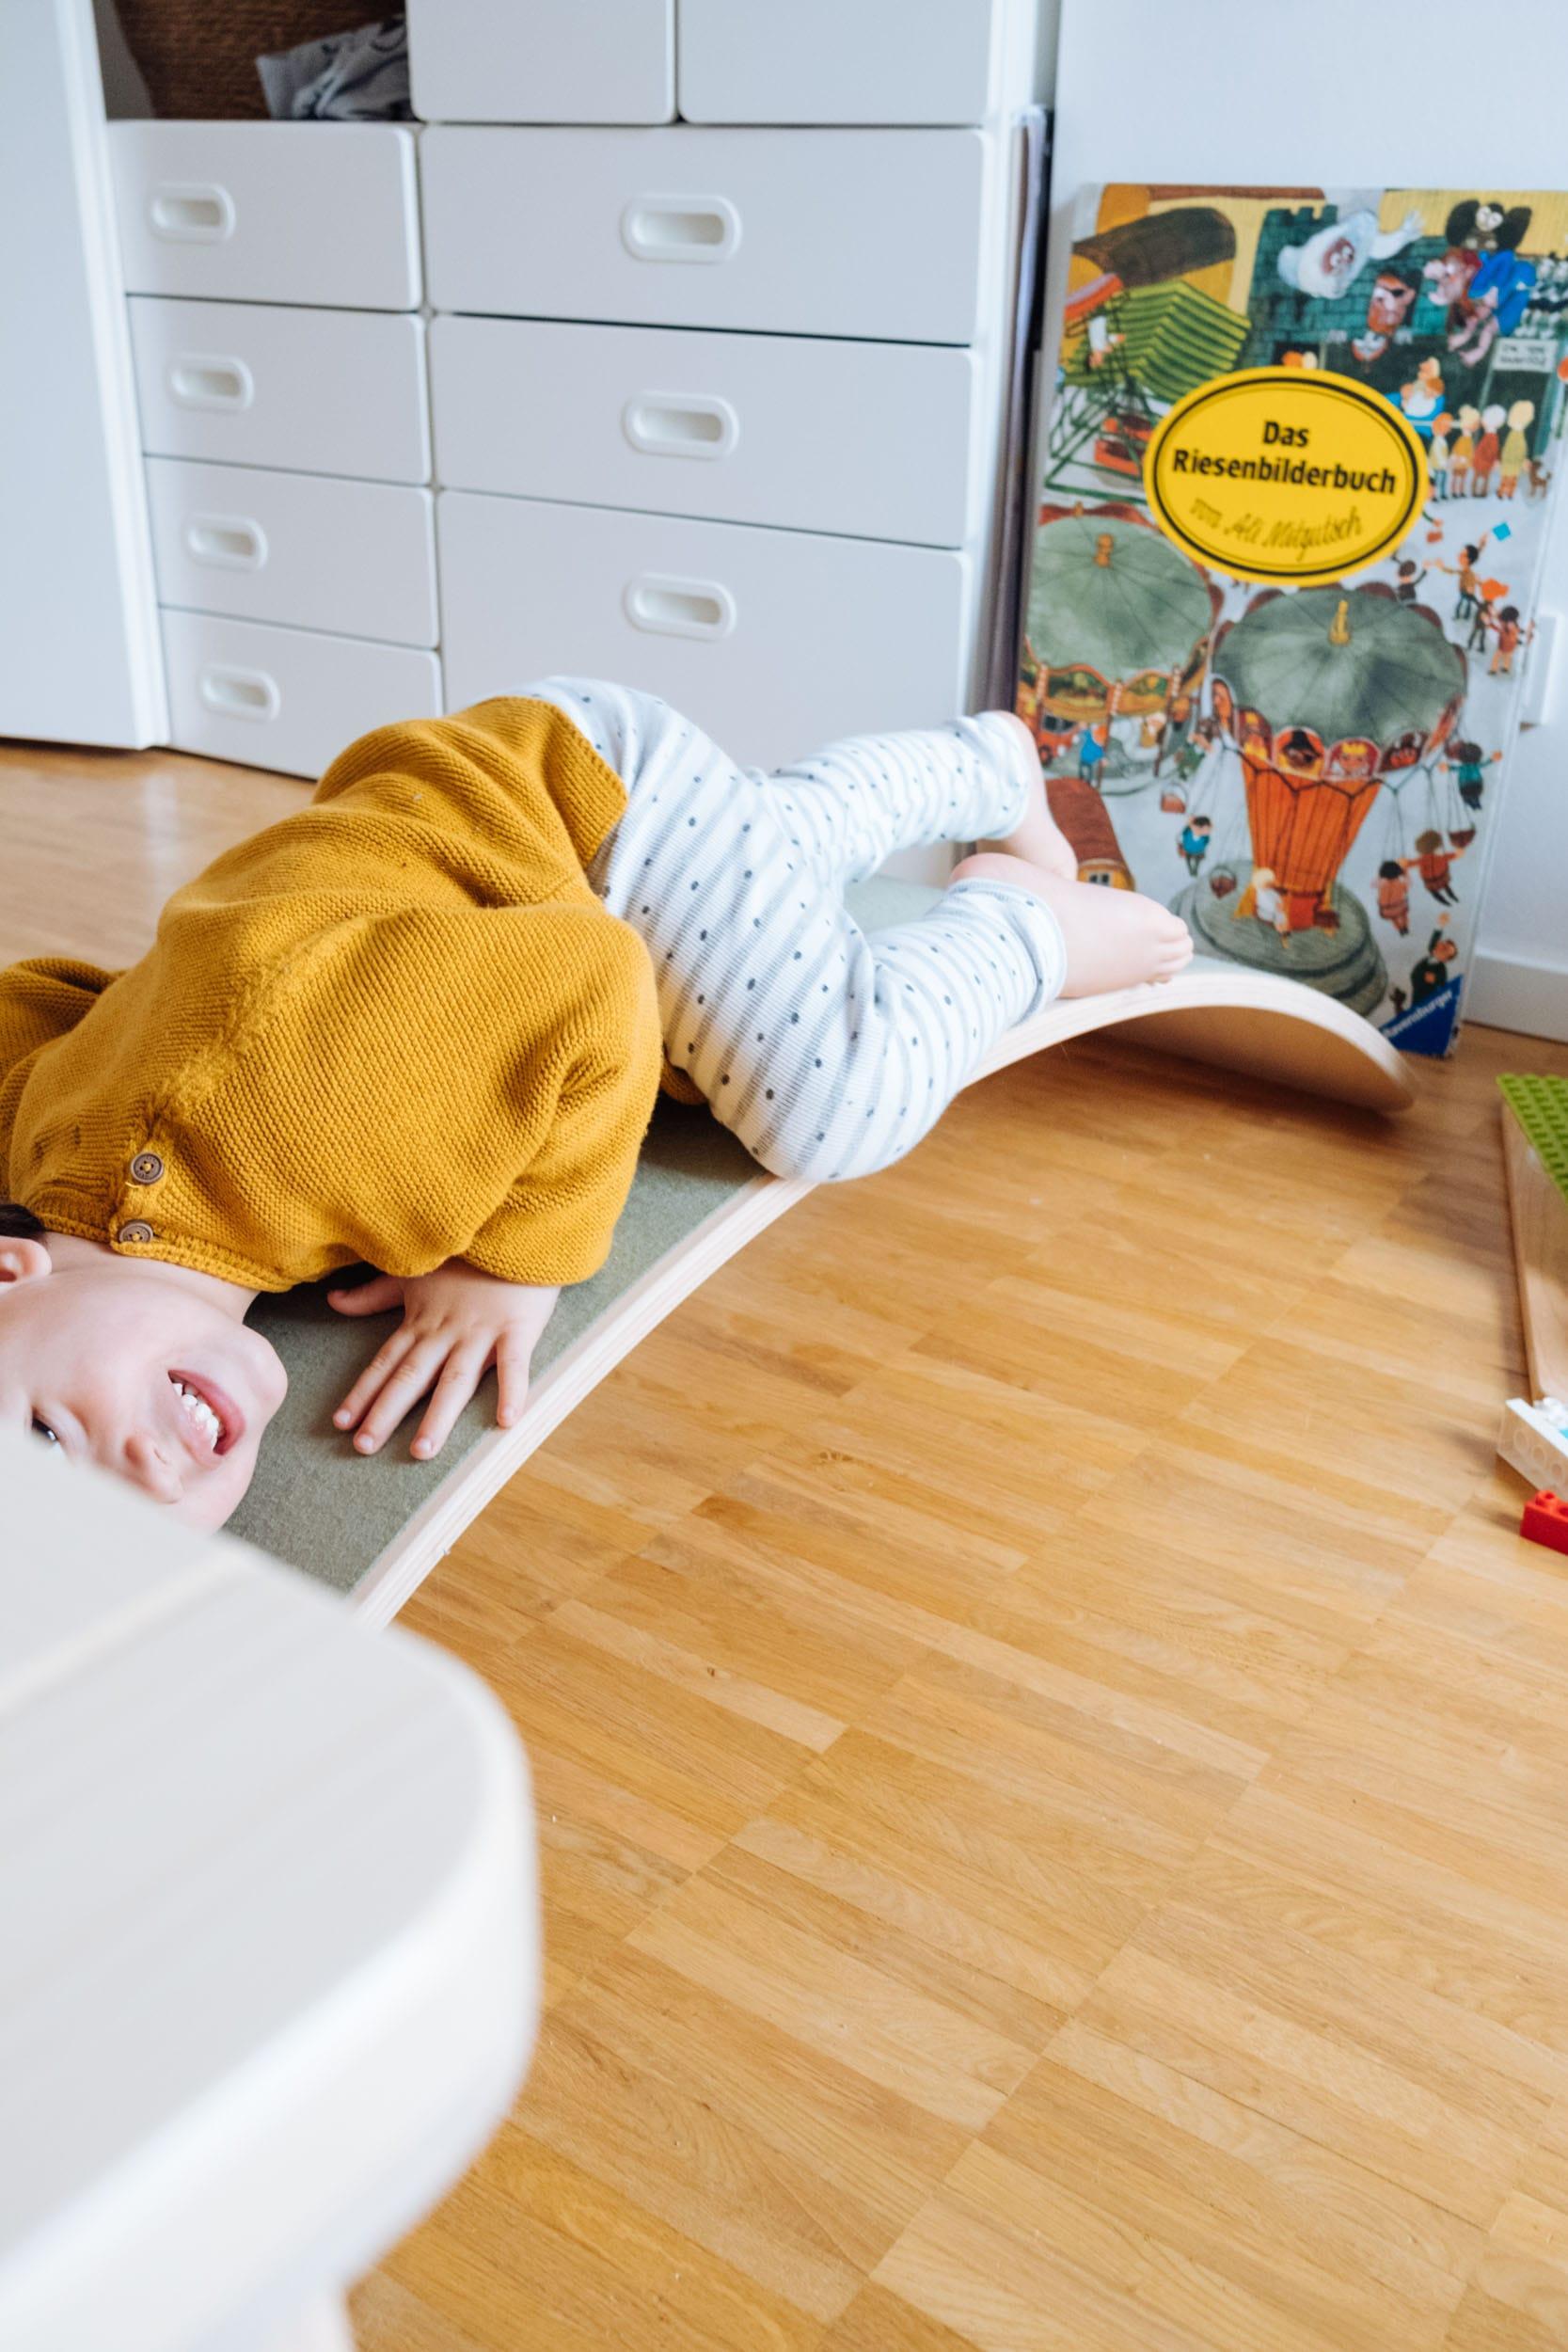 Das Wobbel Balance Board | Das Bewegungsspielzeug für Groß und Klein